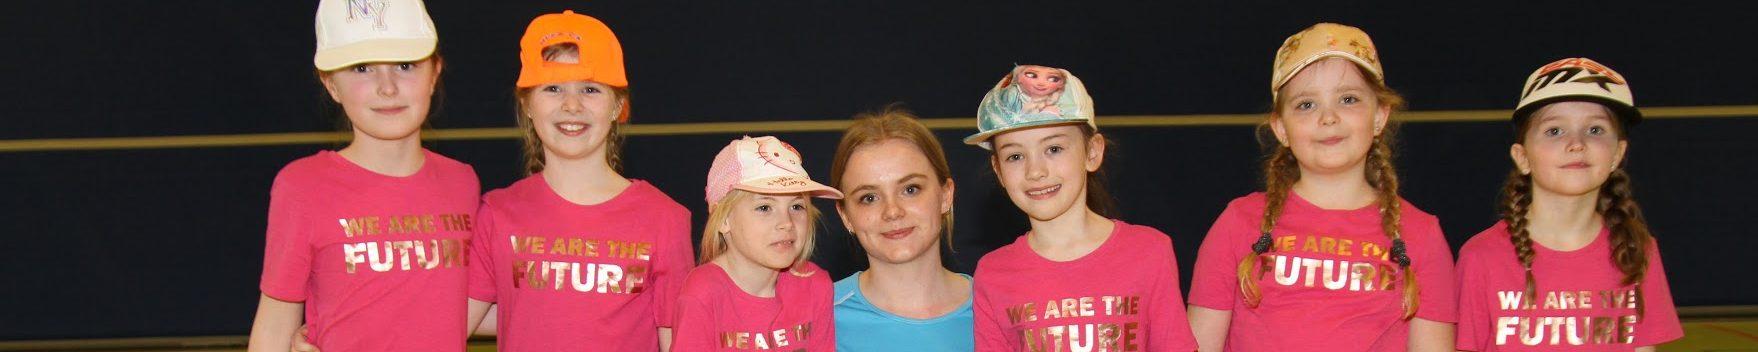 Mejdal-Halgård Gymnastik